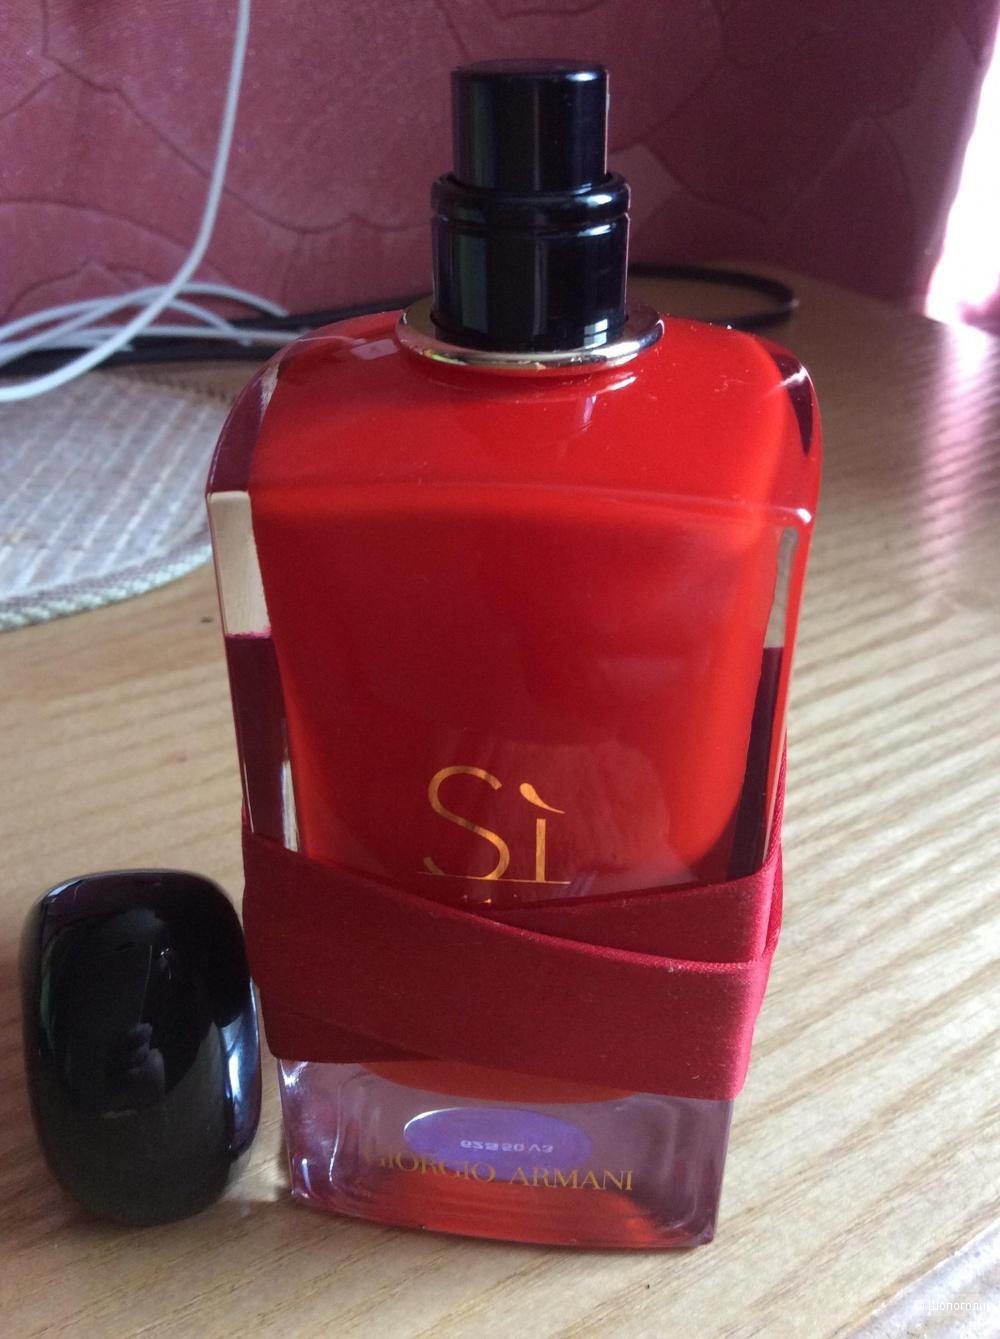 Sì Passione Red Maestro, Giorgio Armani парфюмерная вода 100 мл